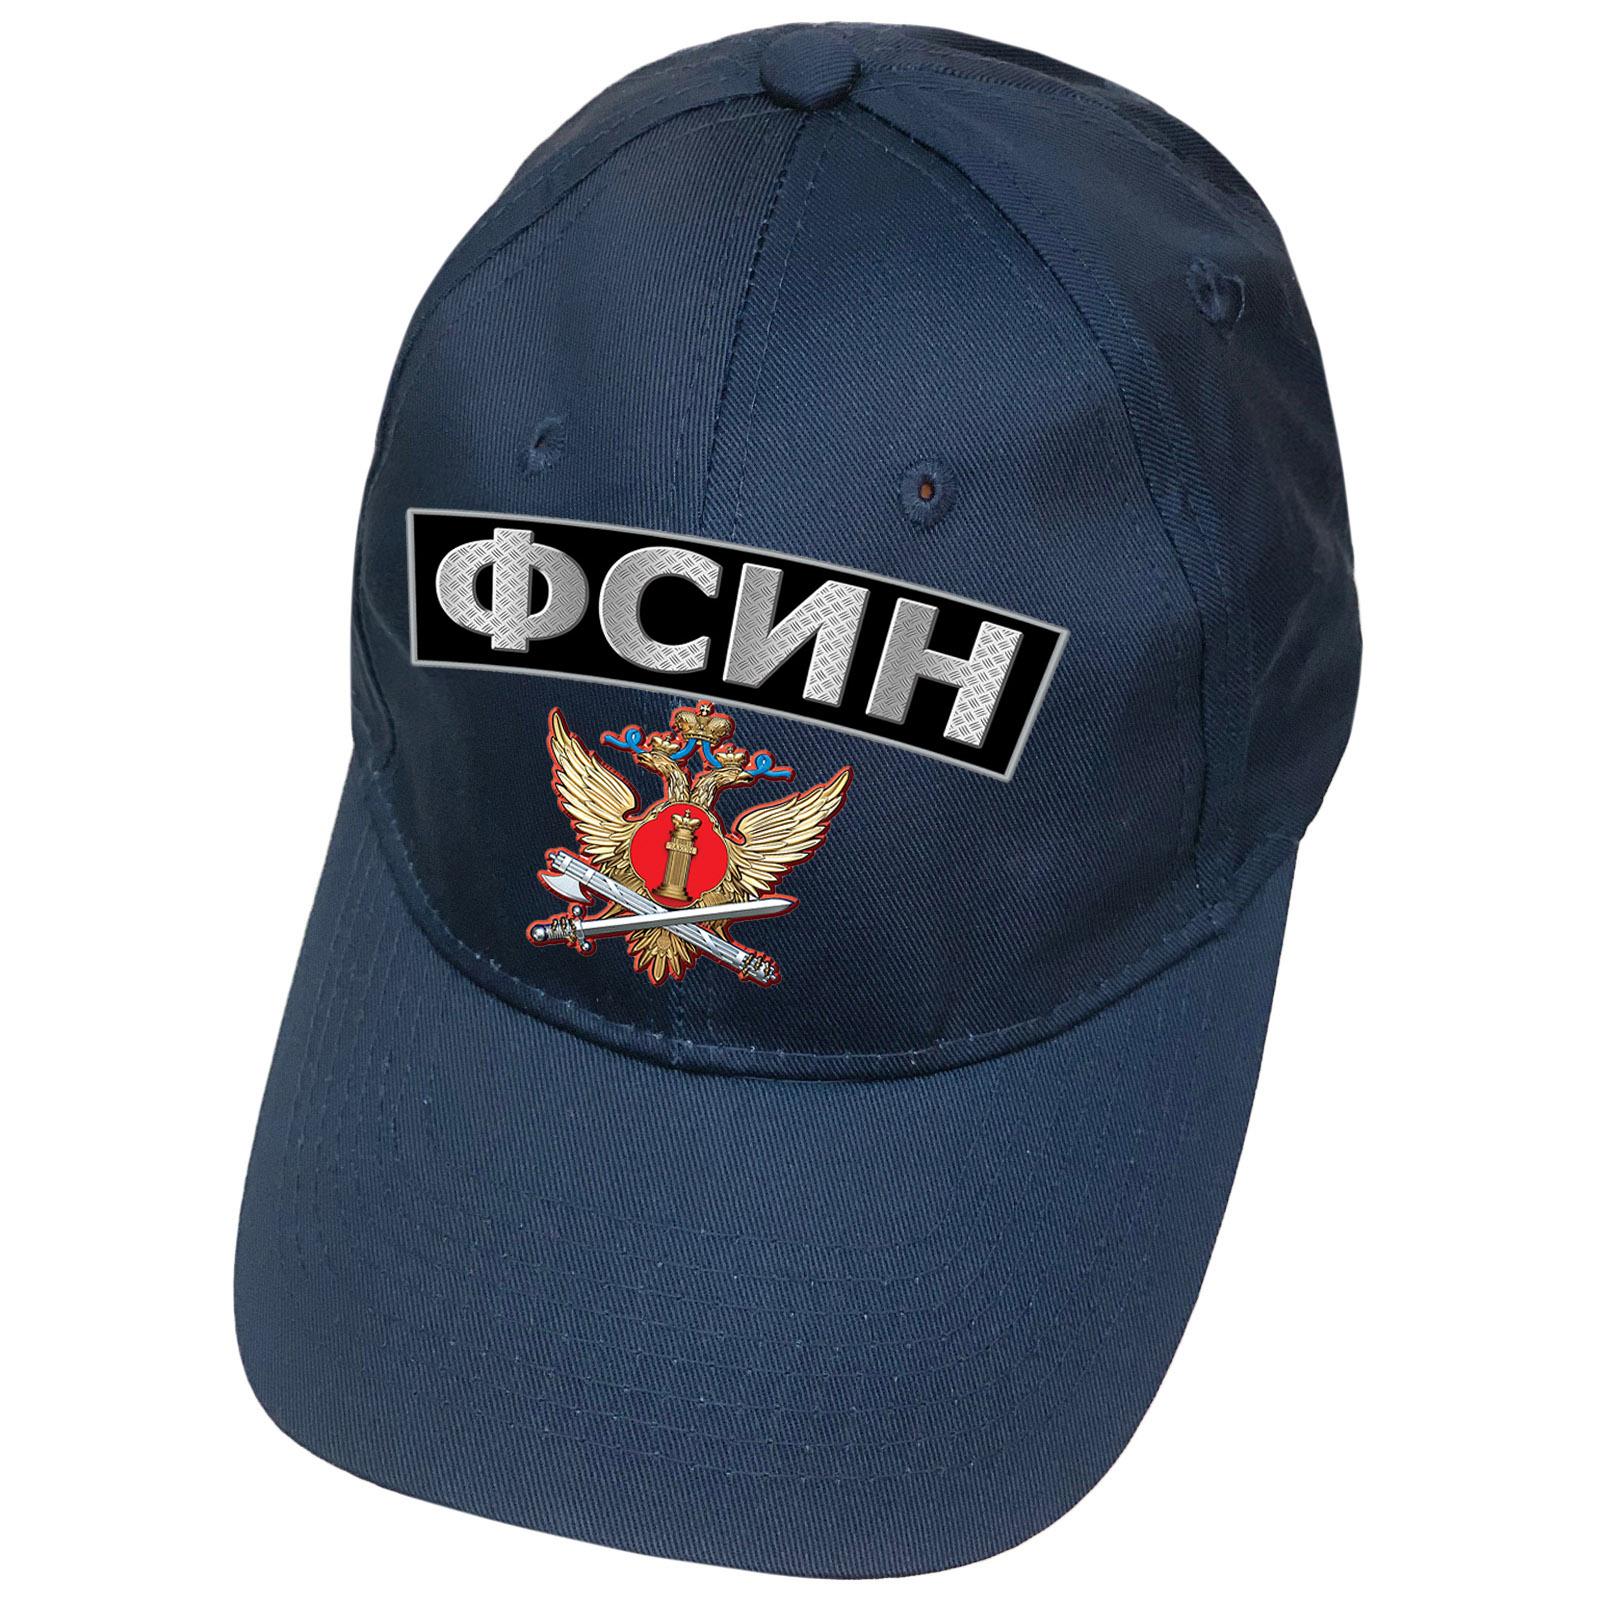 Темно-синяя бейсболка ФСИН